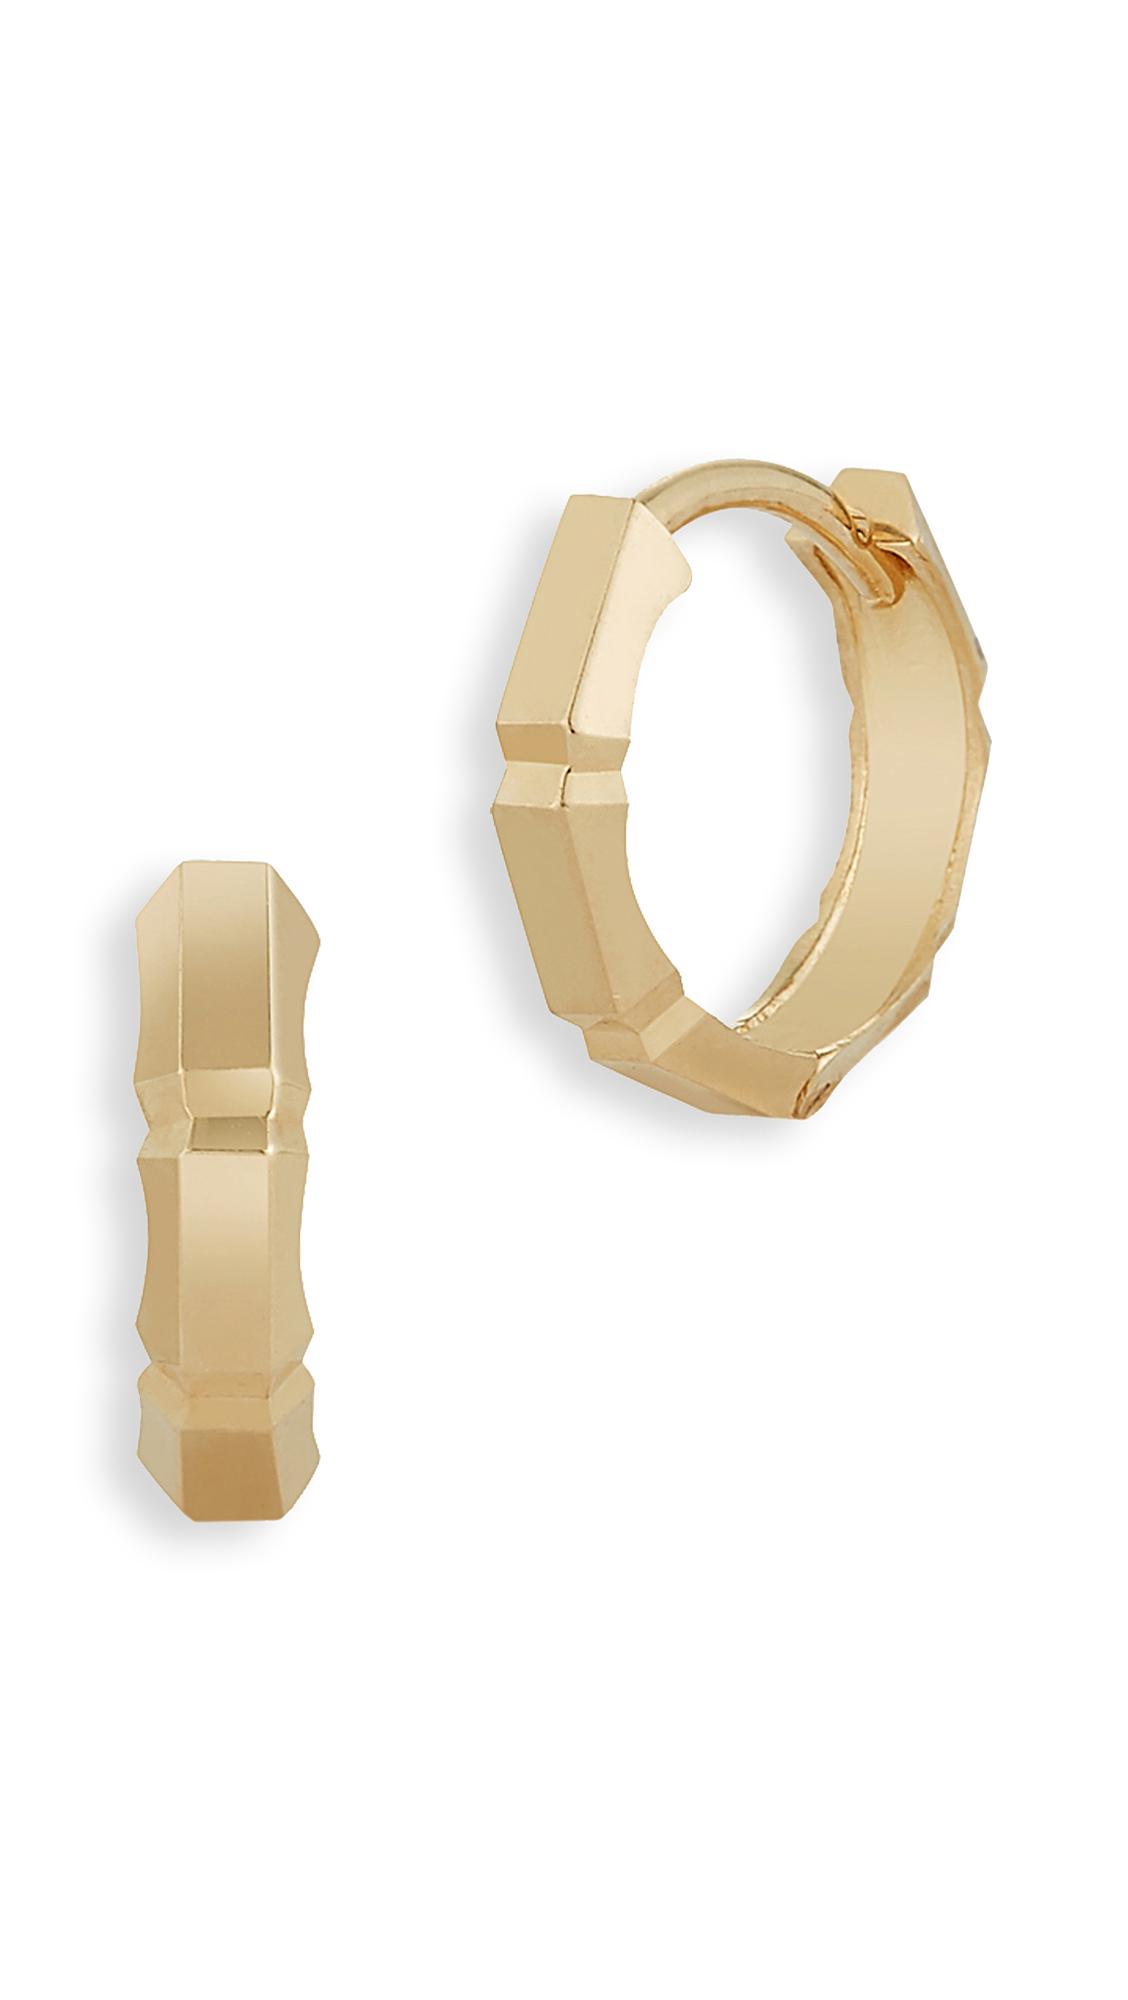 Mateo 14k Faceted Huggie Earrings